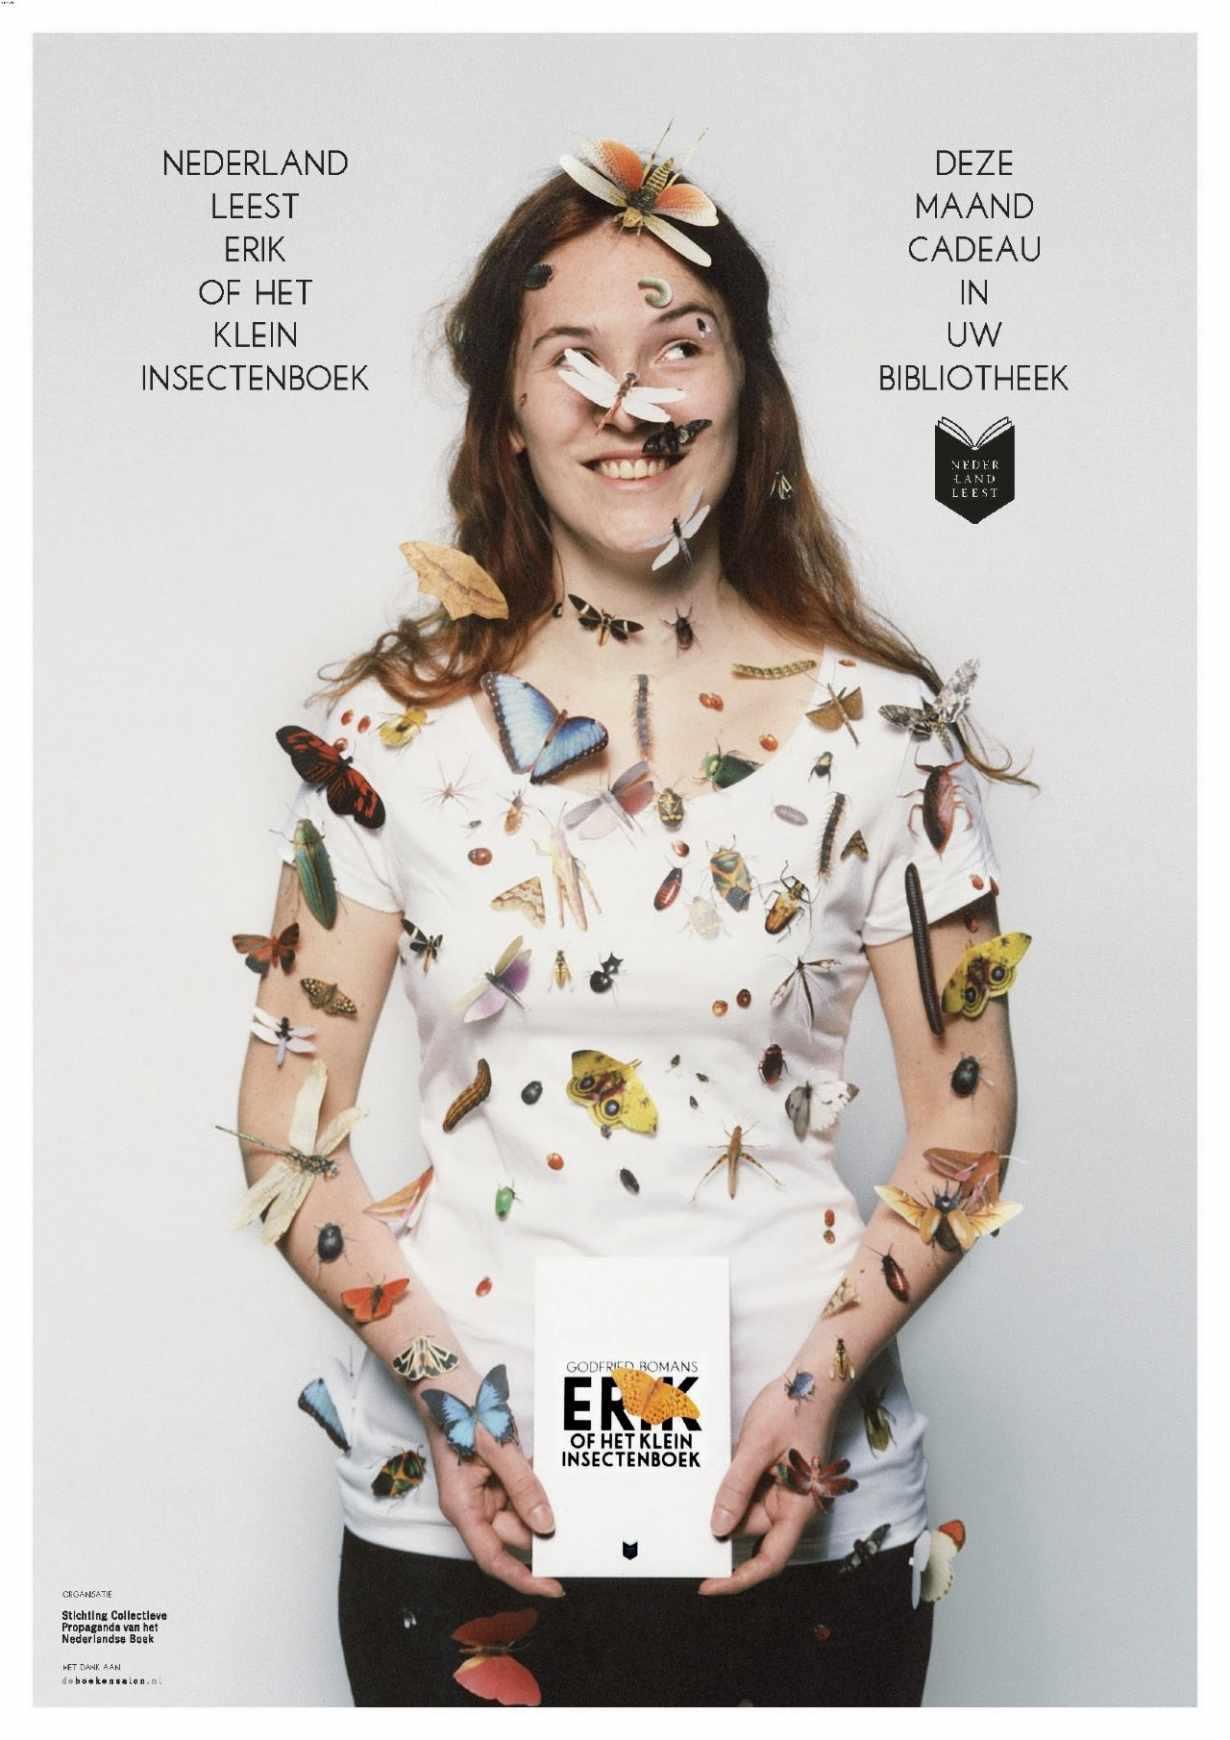 Holanda lee, campaña de promoción de la literatura holandesa